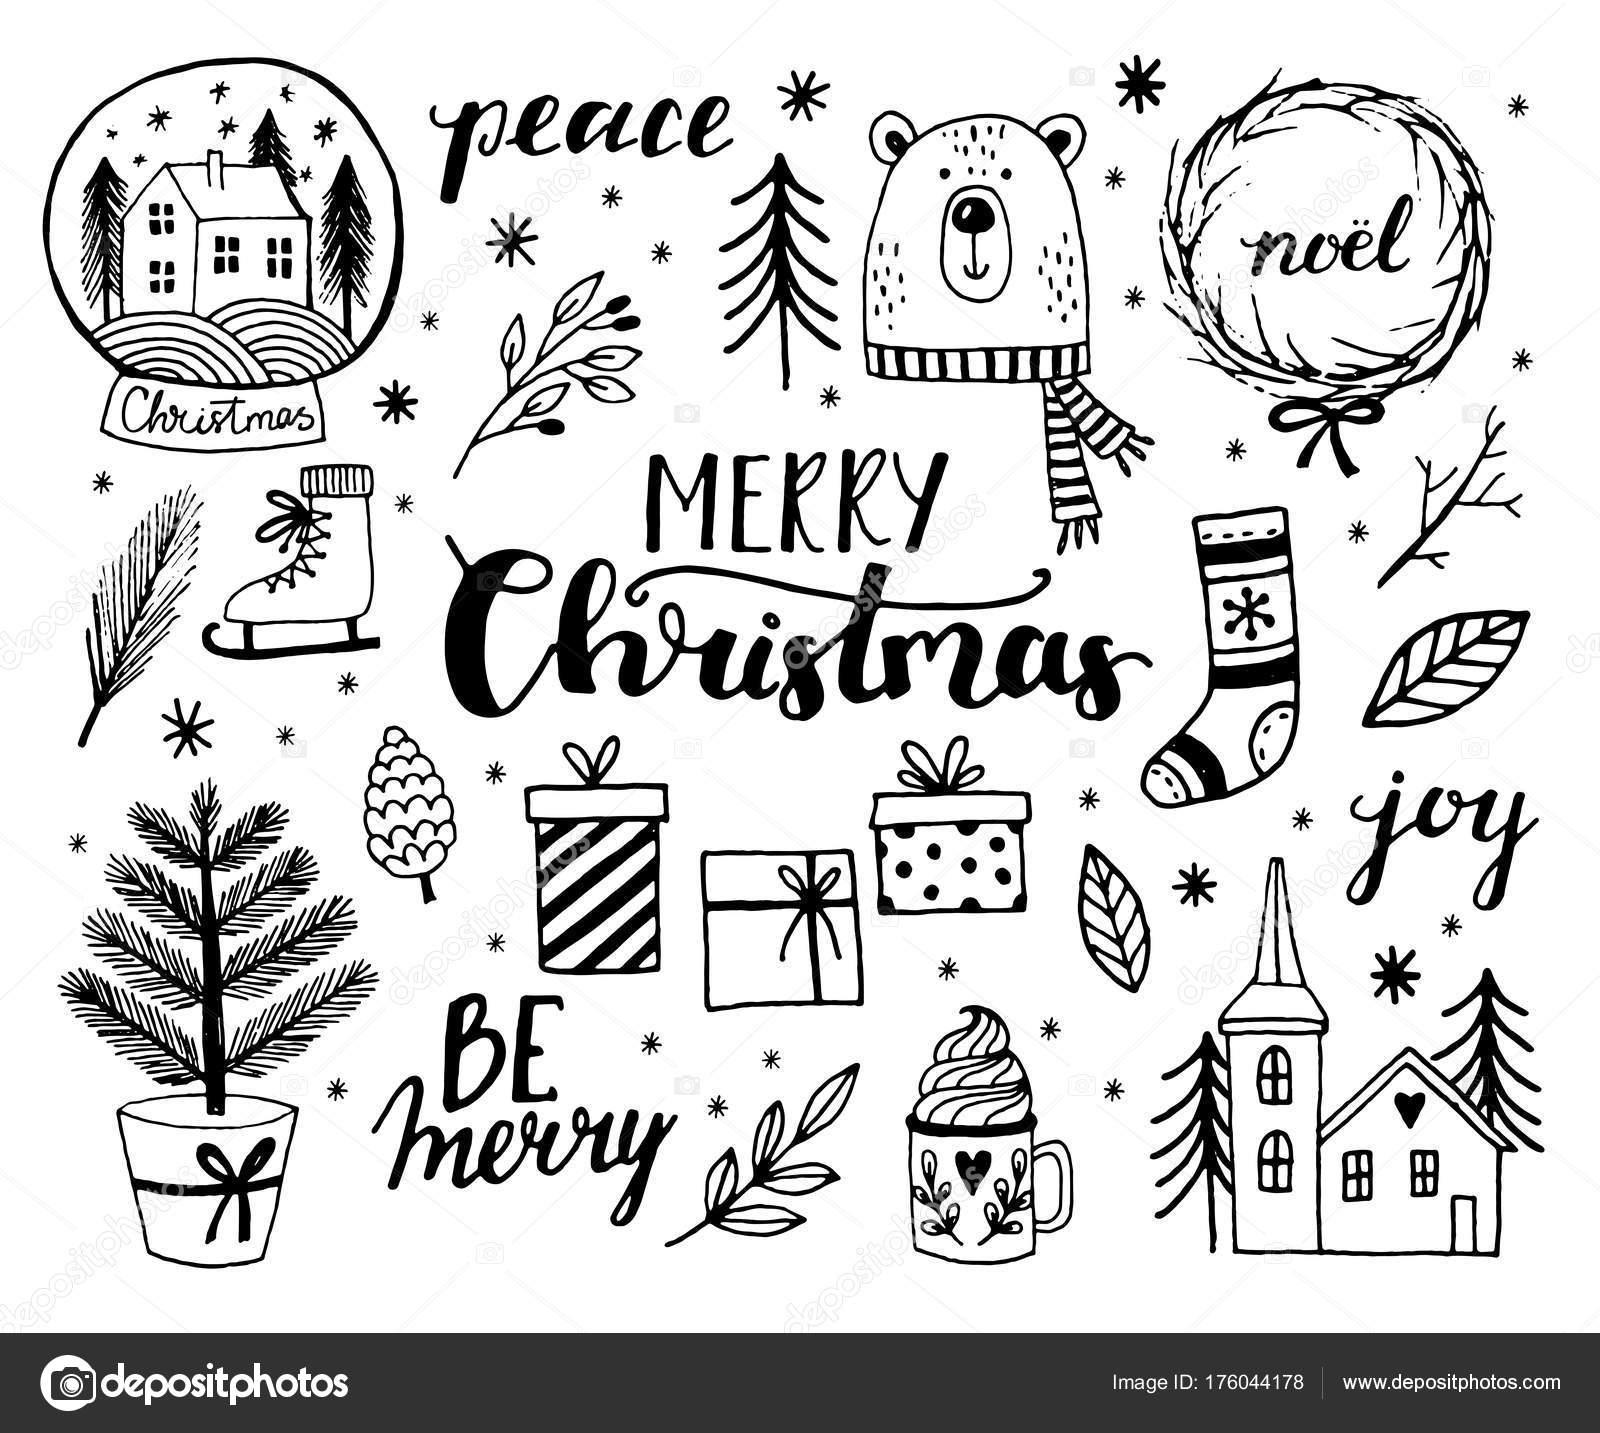 Prettige Kerstdagen En Gelukkig Nieuwjaar Wenskaarten Stockvector C Virina28 176044178